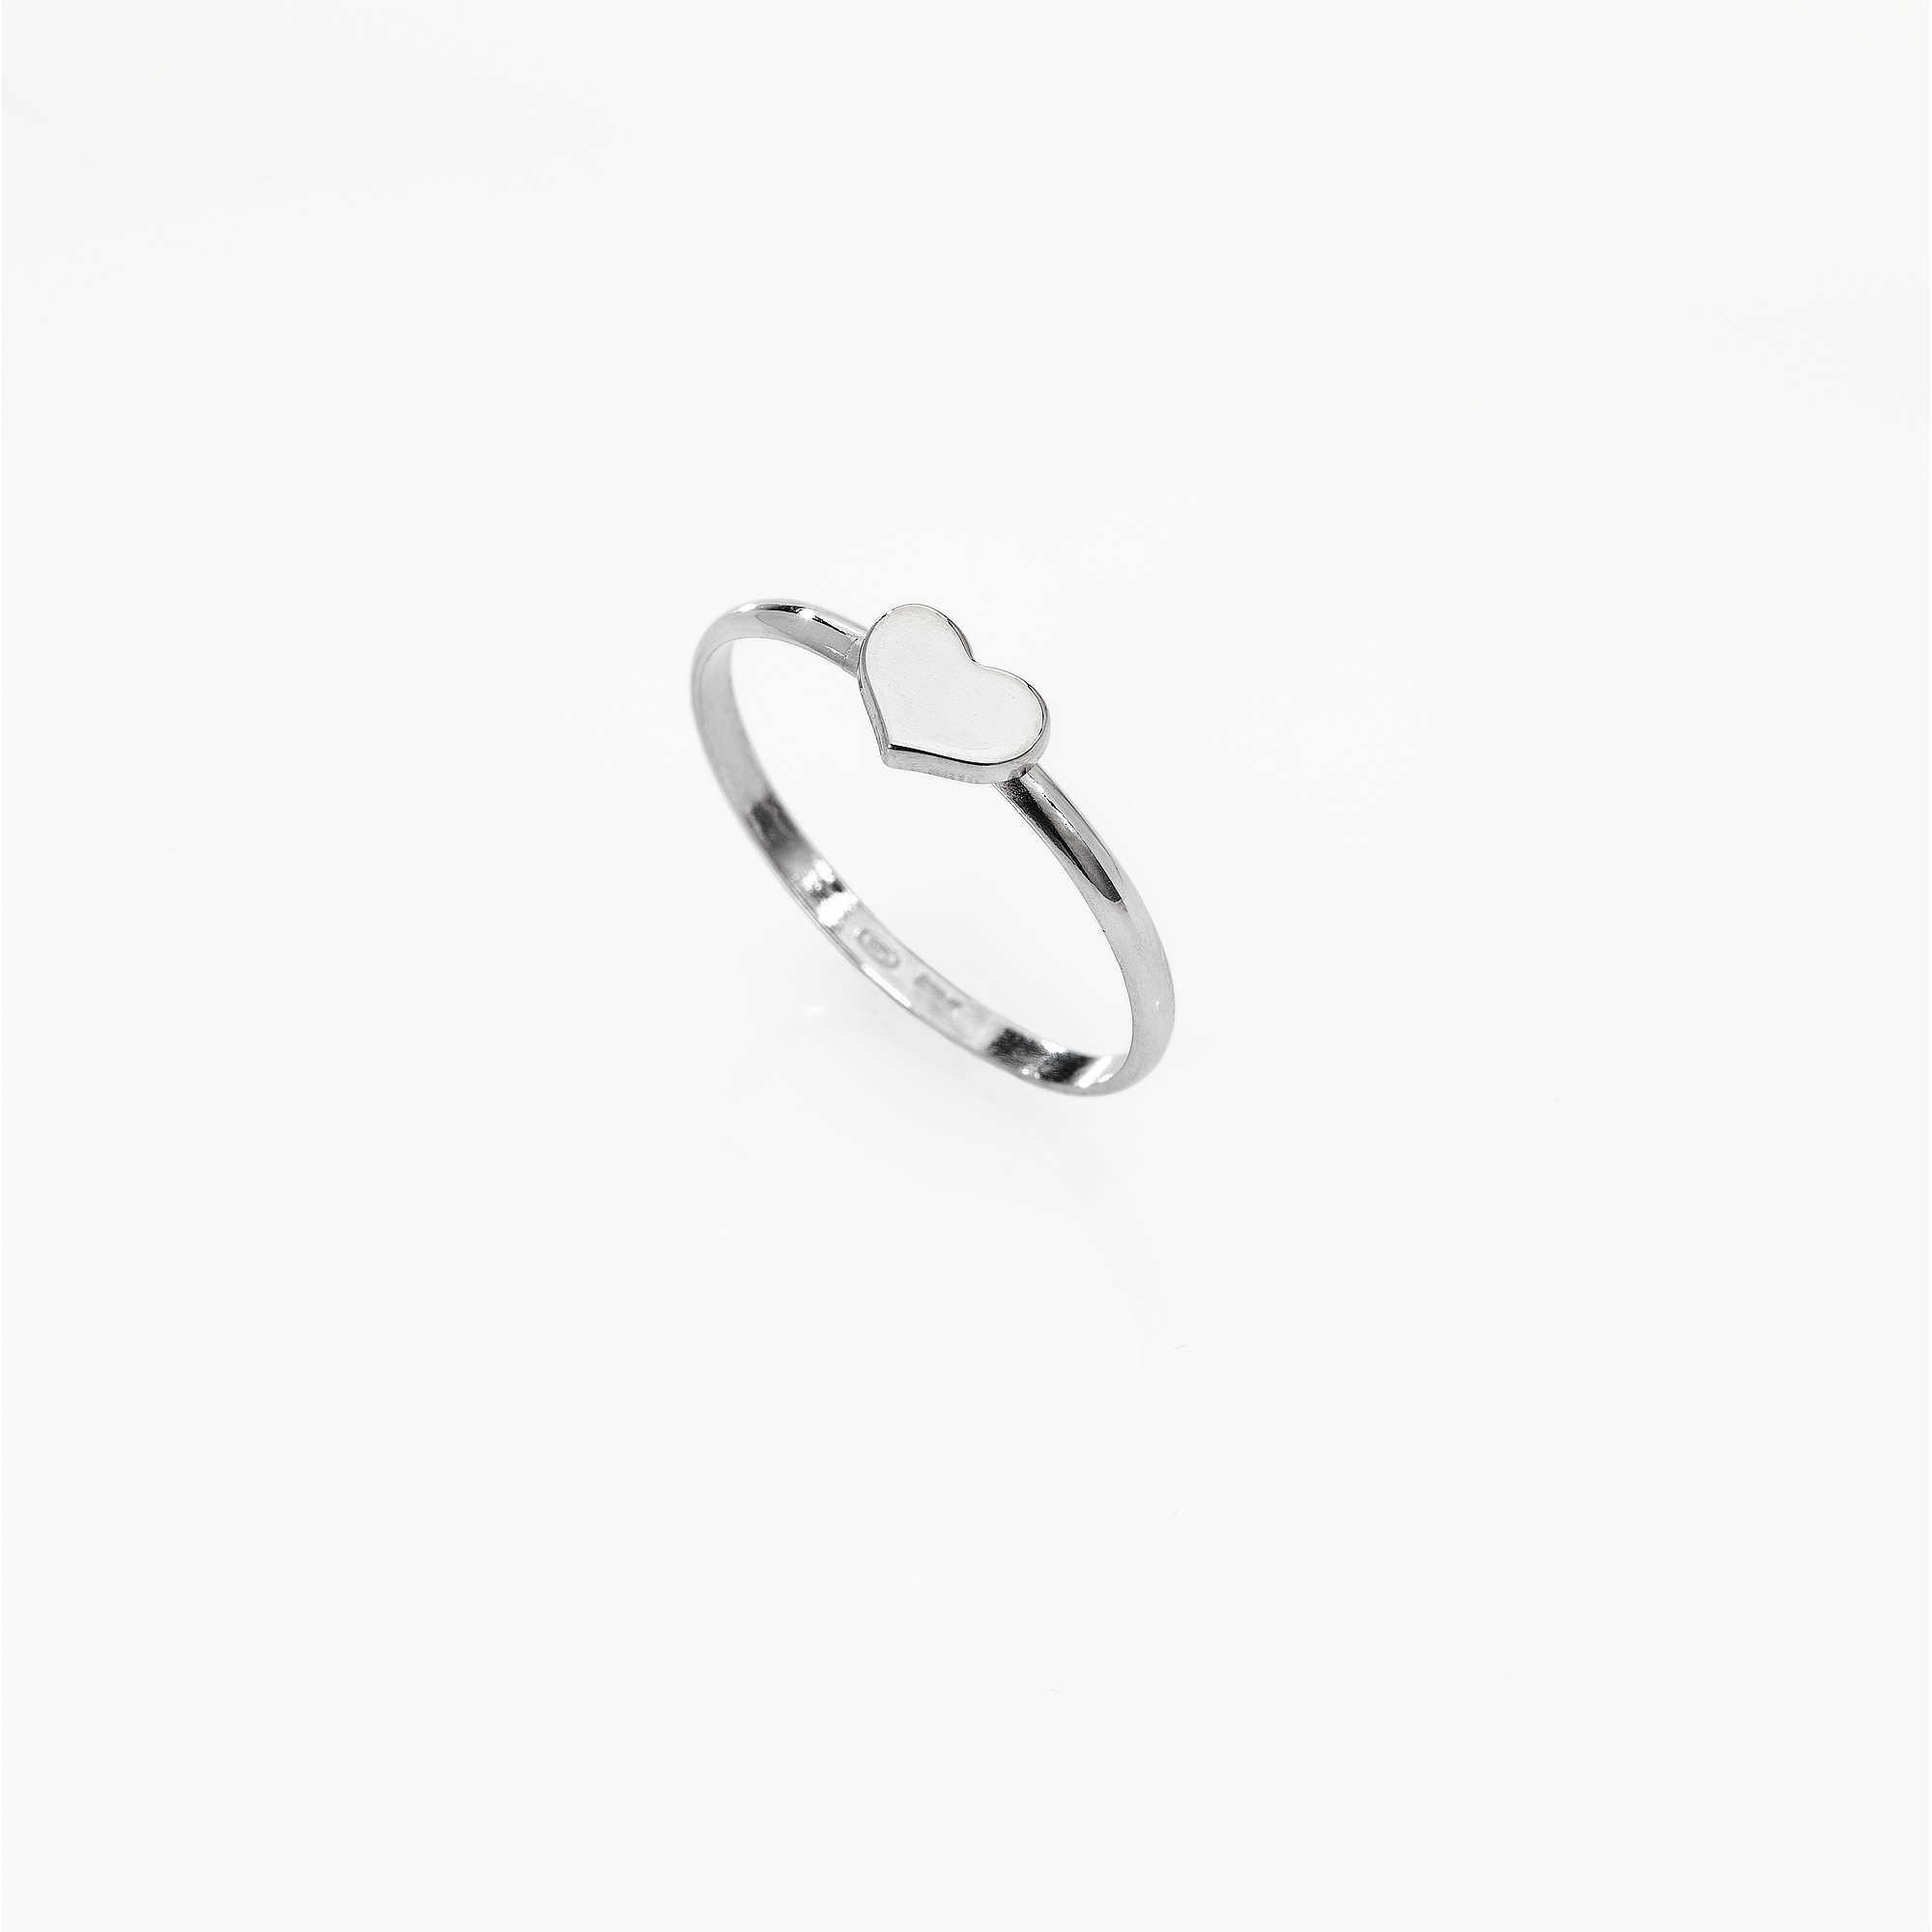 anello donna cuore